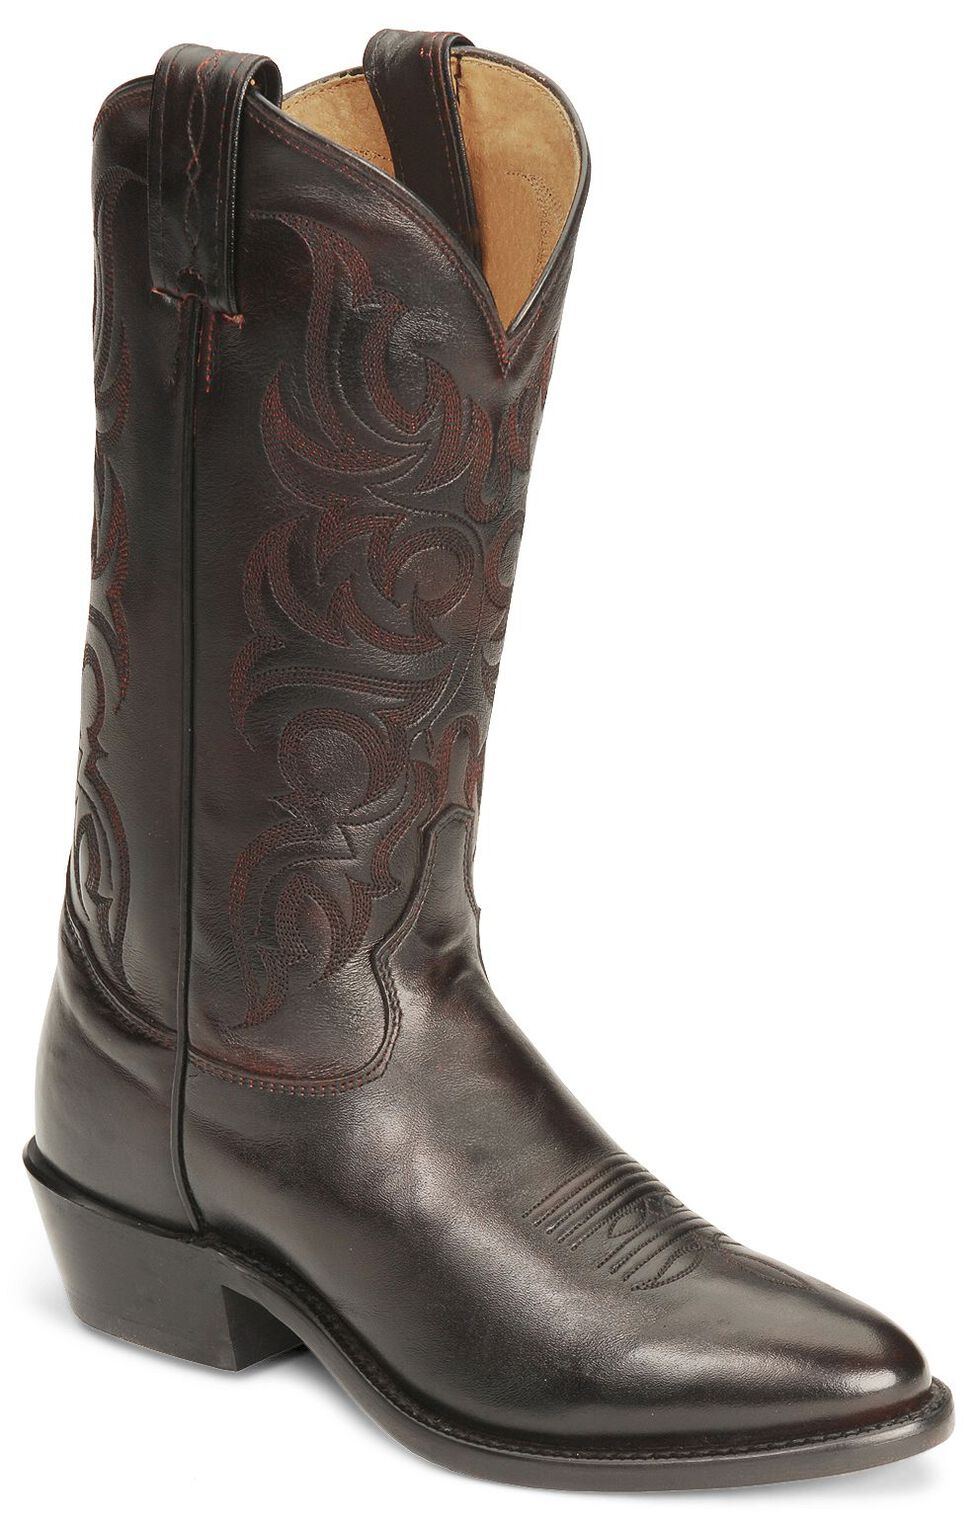 Tony Lama Regal Americana Boots - Medium Toe, Black Cherry, hi-res